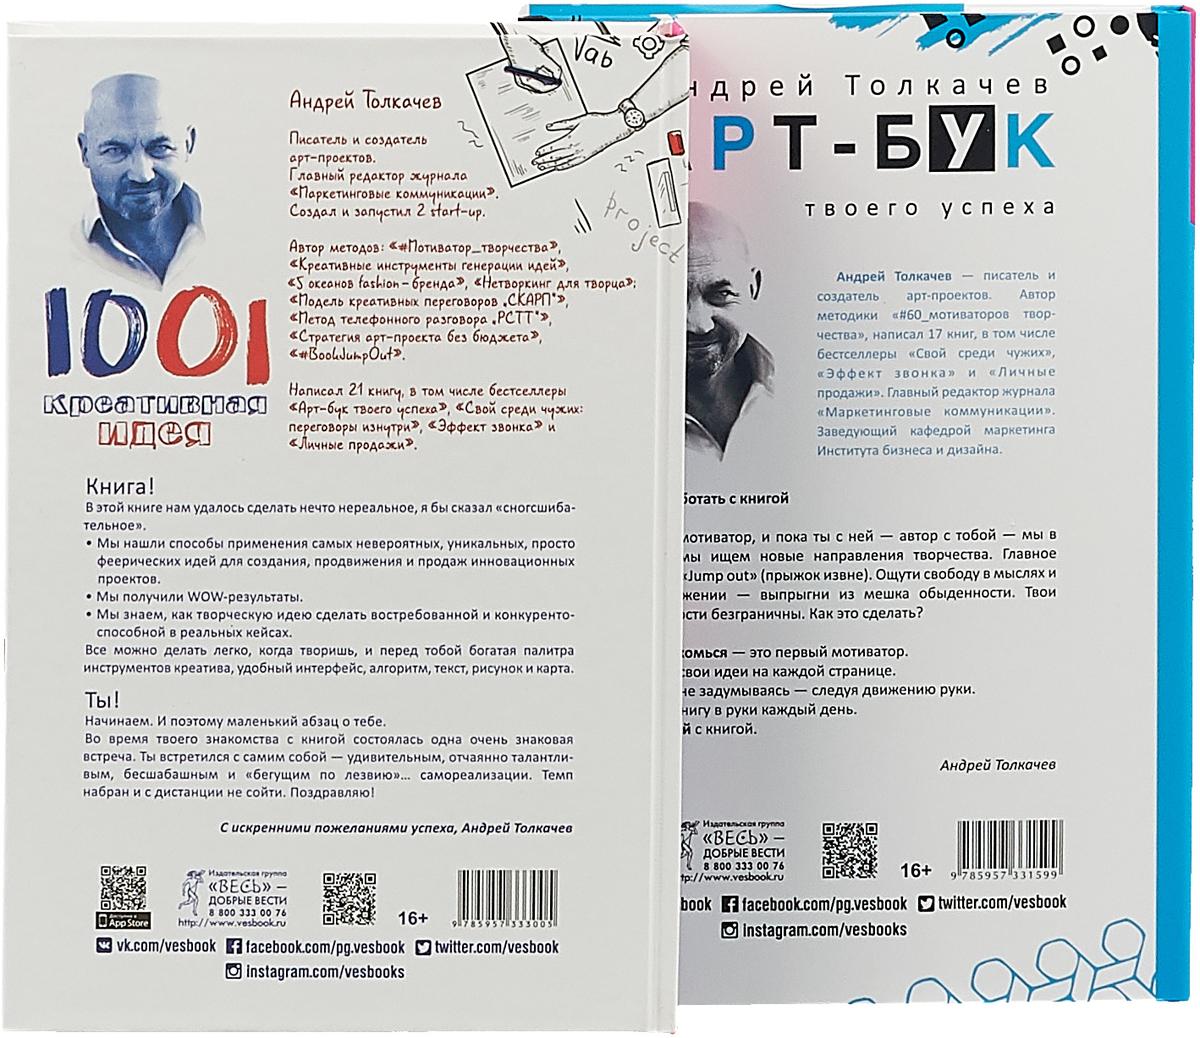 Книга 1001 креативная идея. Арт-бук твоего успеха. Андрей Толкачев